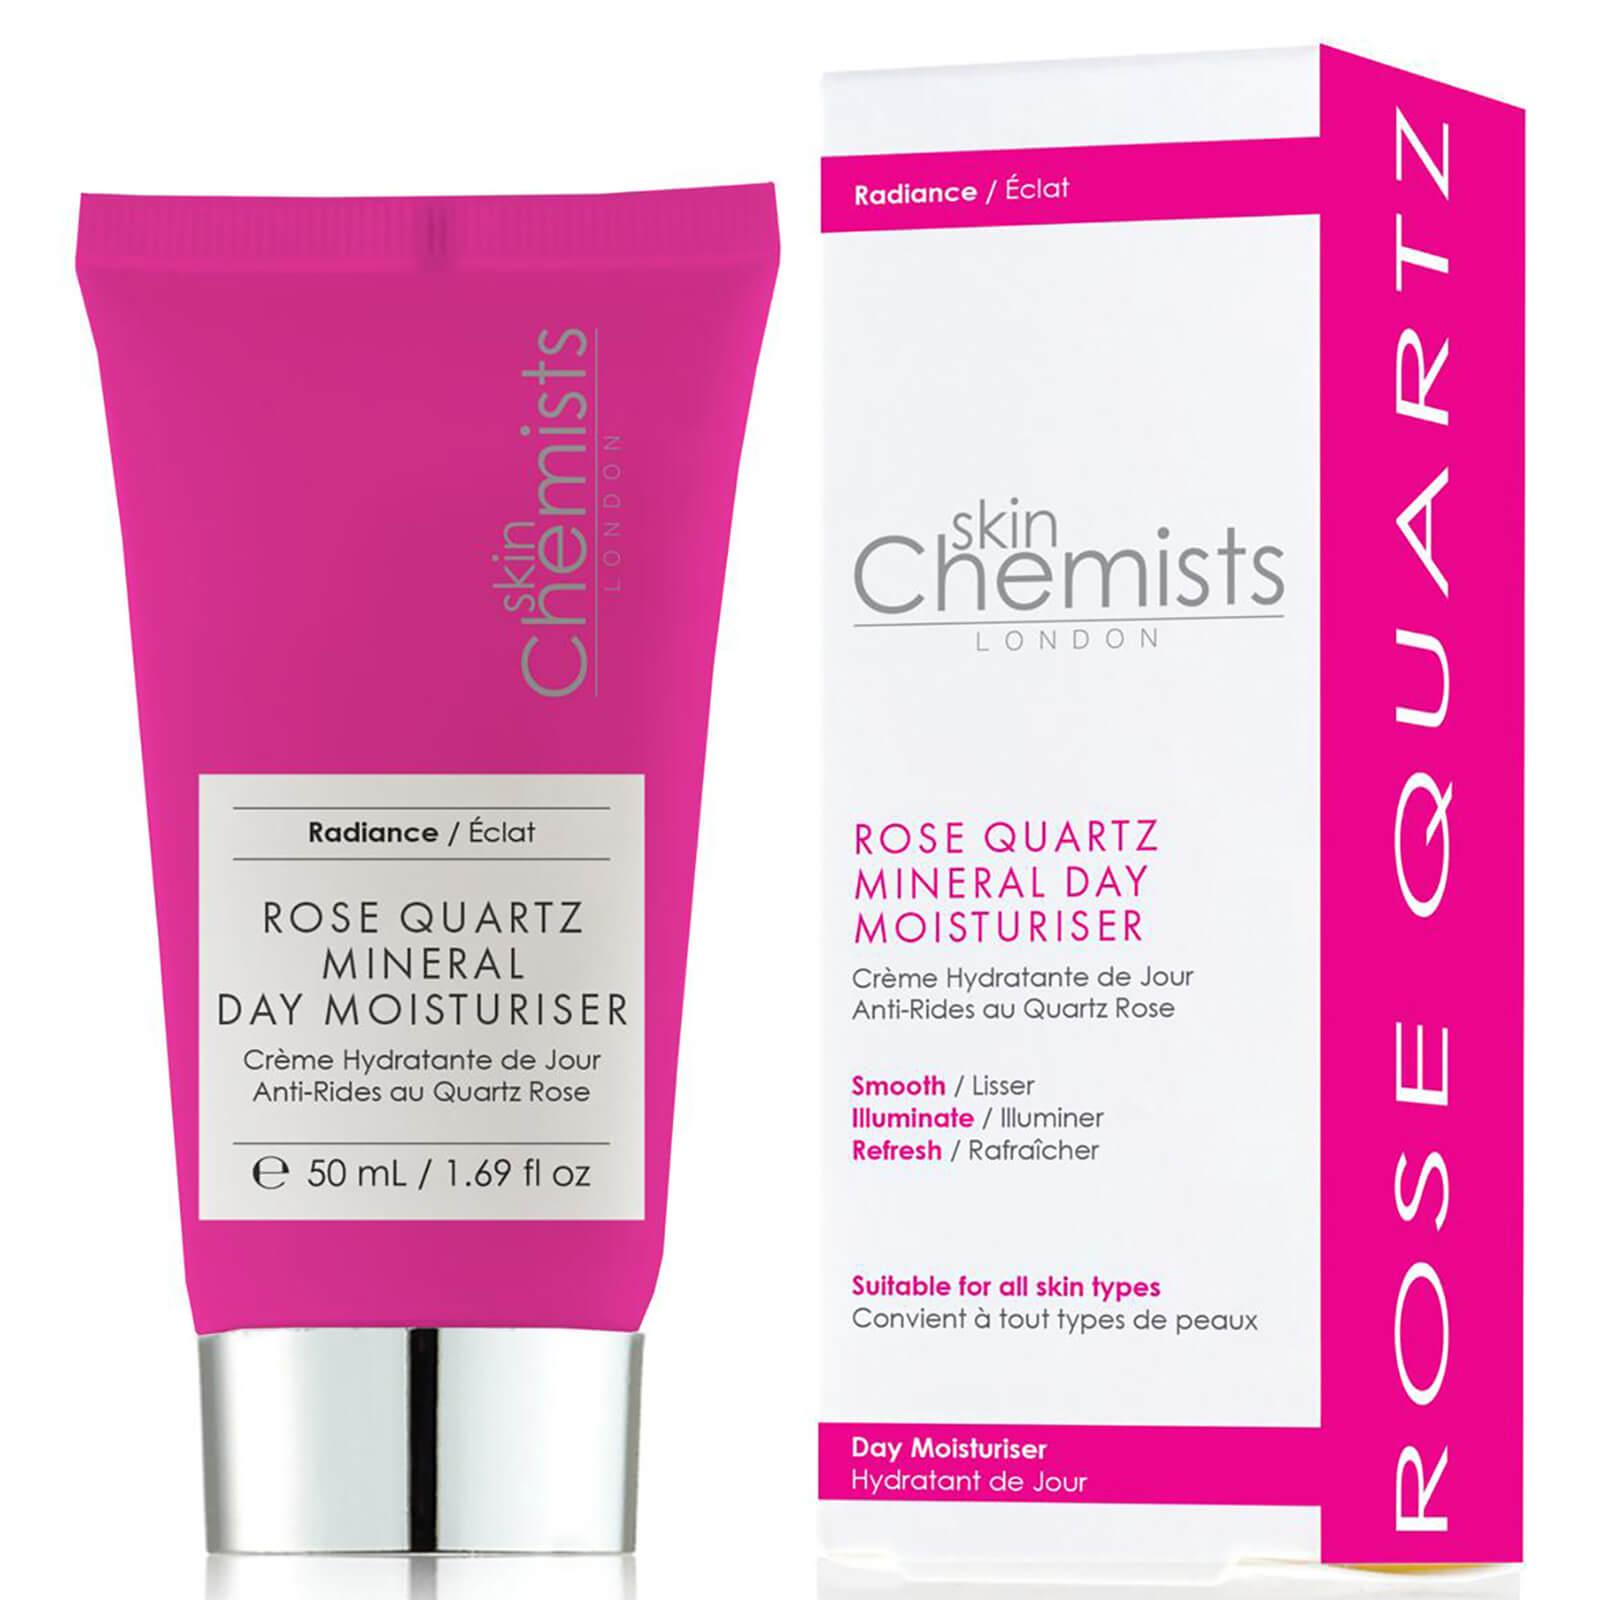 Купить Минеральный увлажняющий дневной крем для лица с экстрактом розы skinChemists London Rose Quartz Mineral Day Moisturiser 50мл